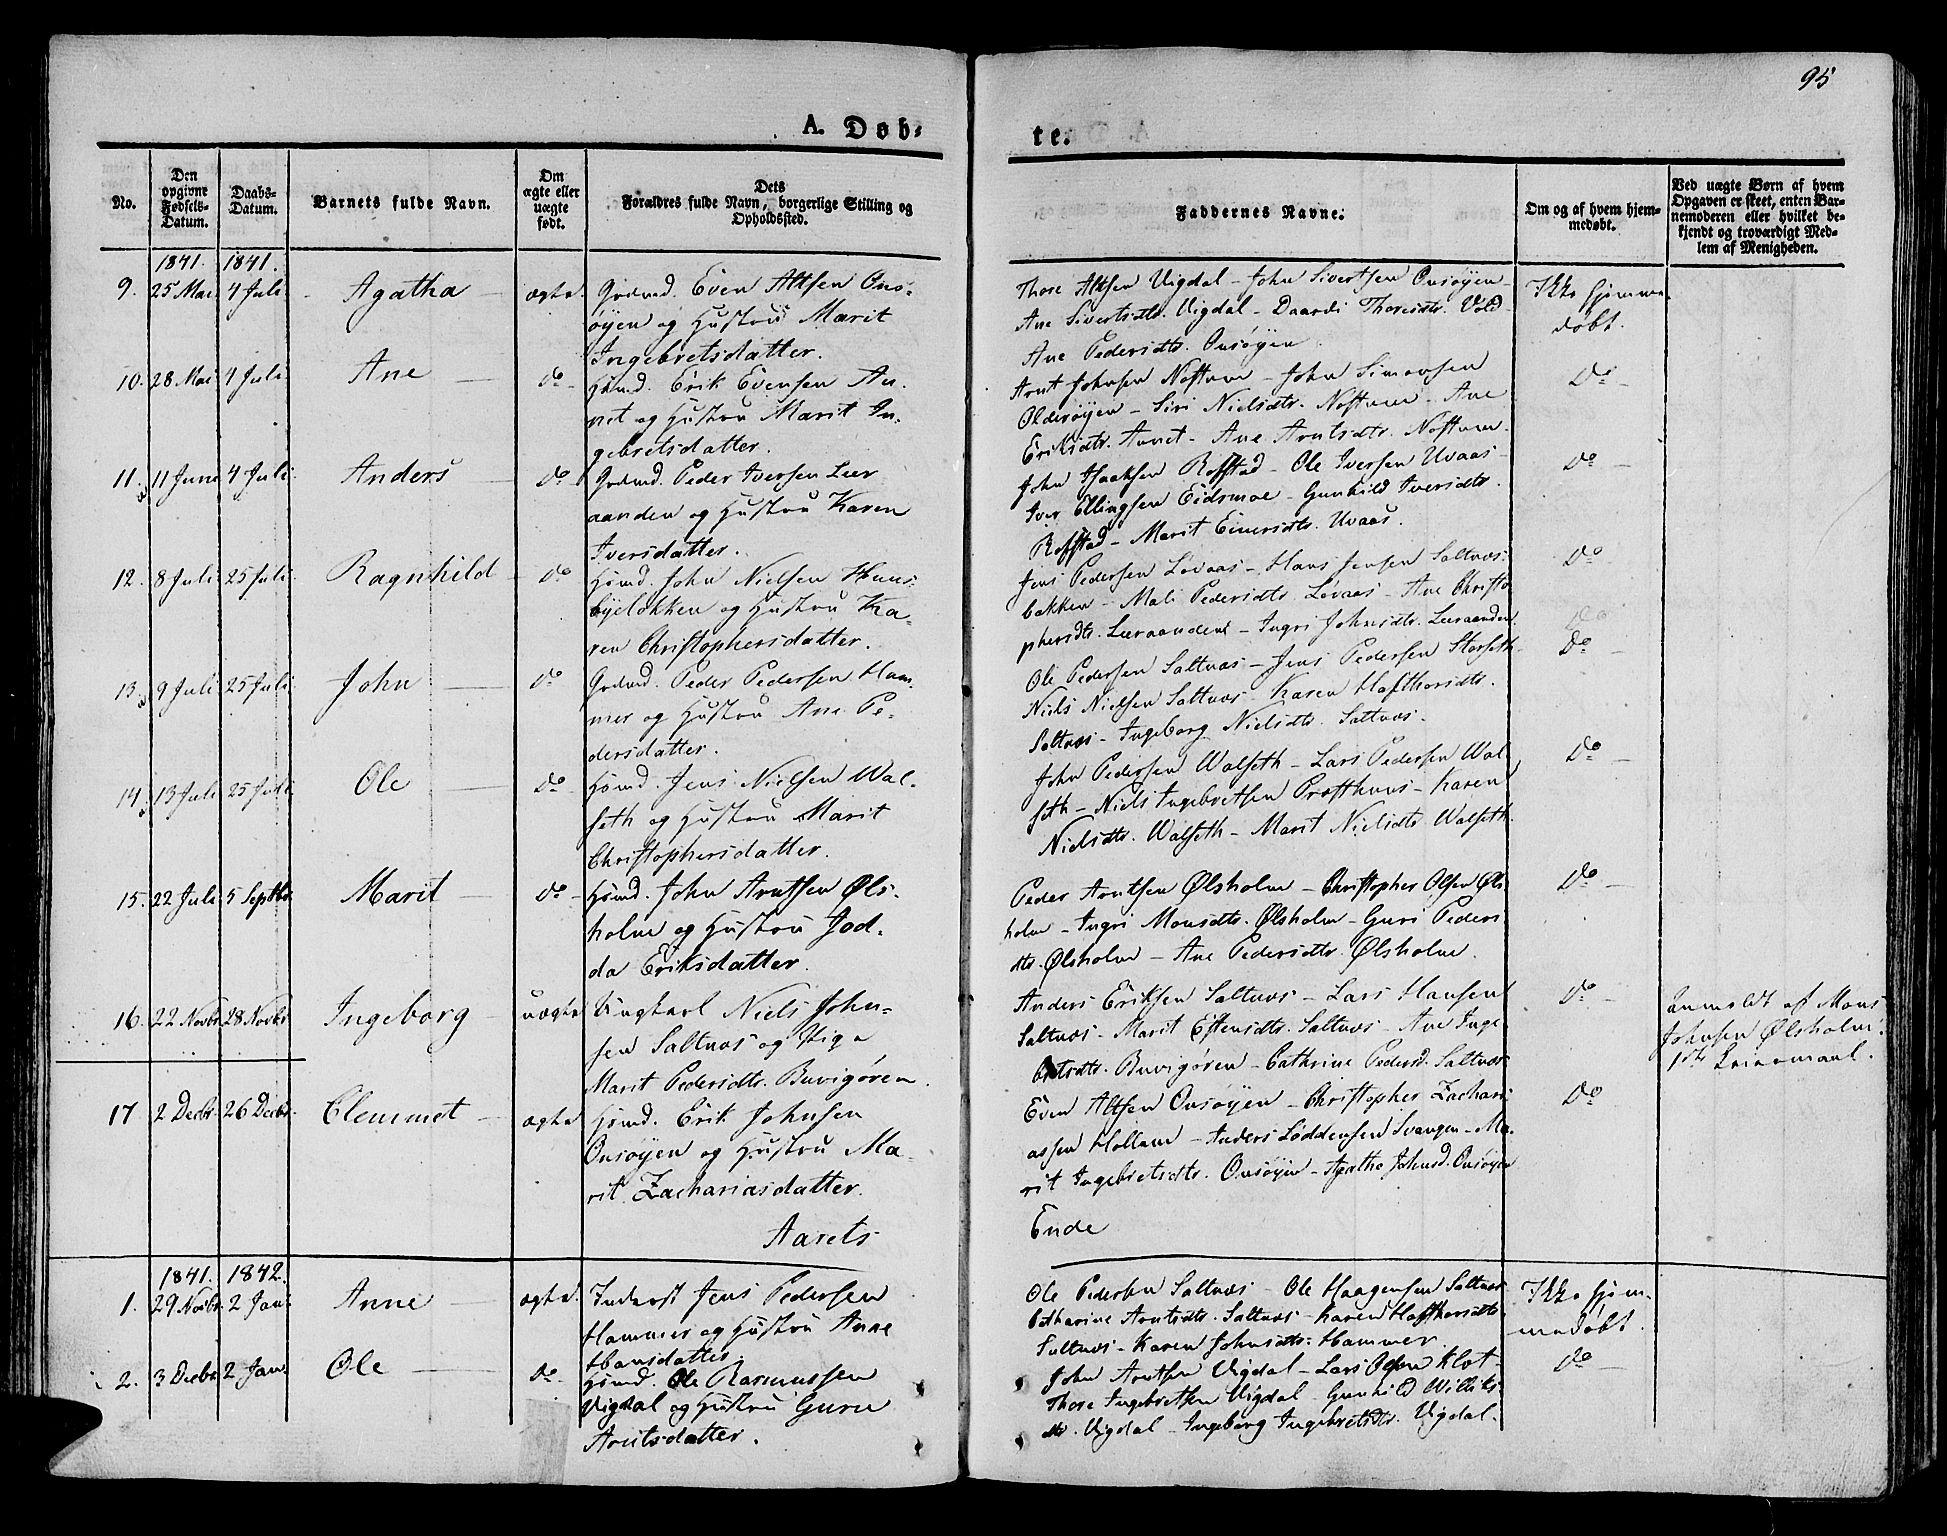 SAT, Ministerialprotokoller, klokkerbøker og fødselsregistre - Sør-Trøndelag, 612/L0375: Ministerialbok nr. 612A07 /2, 1829-1845, s. 95